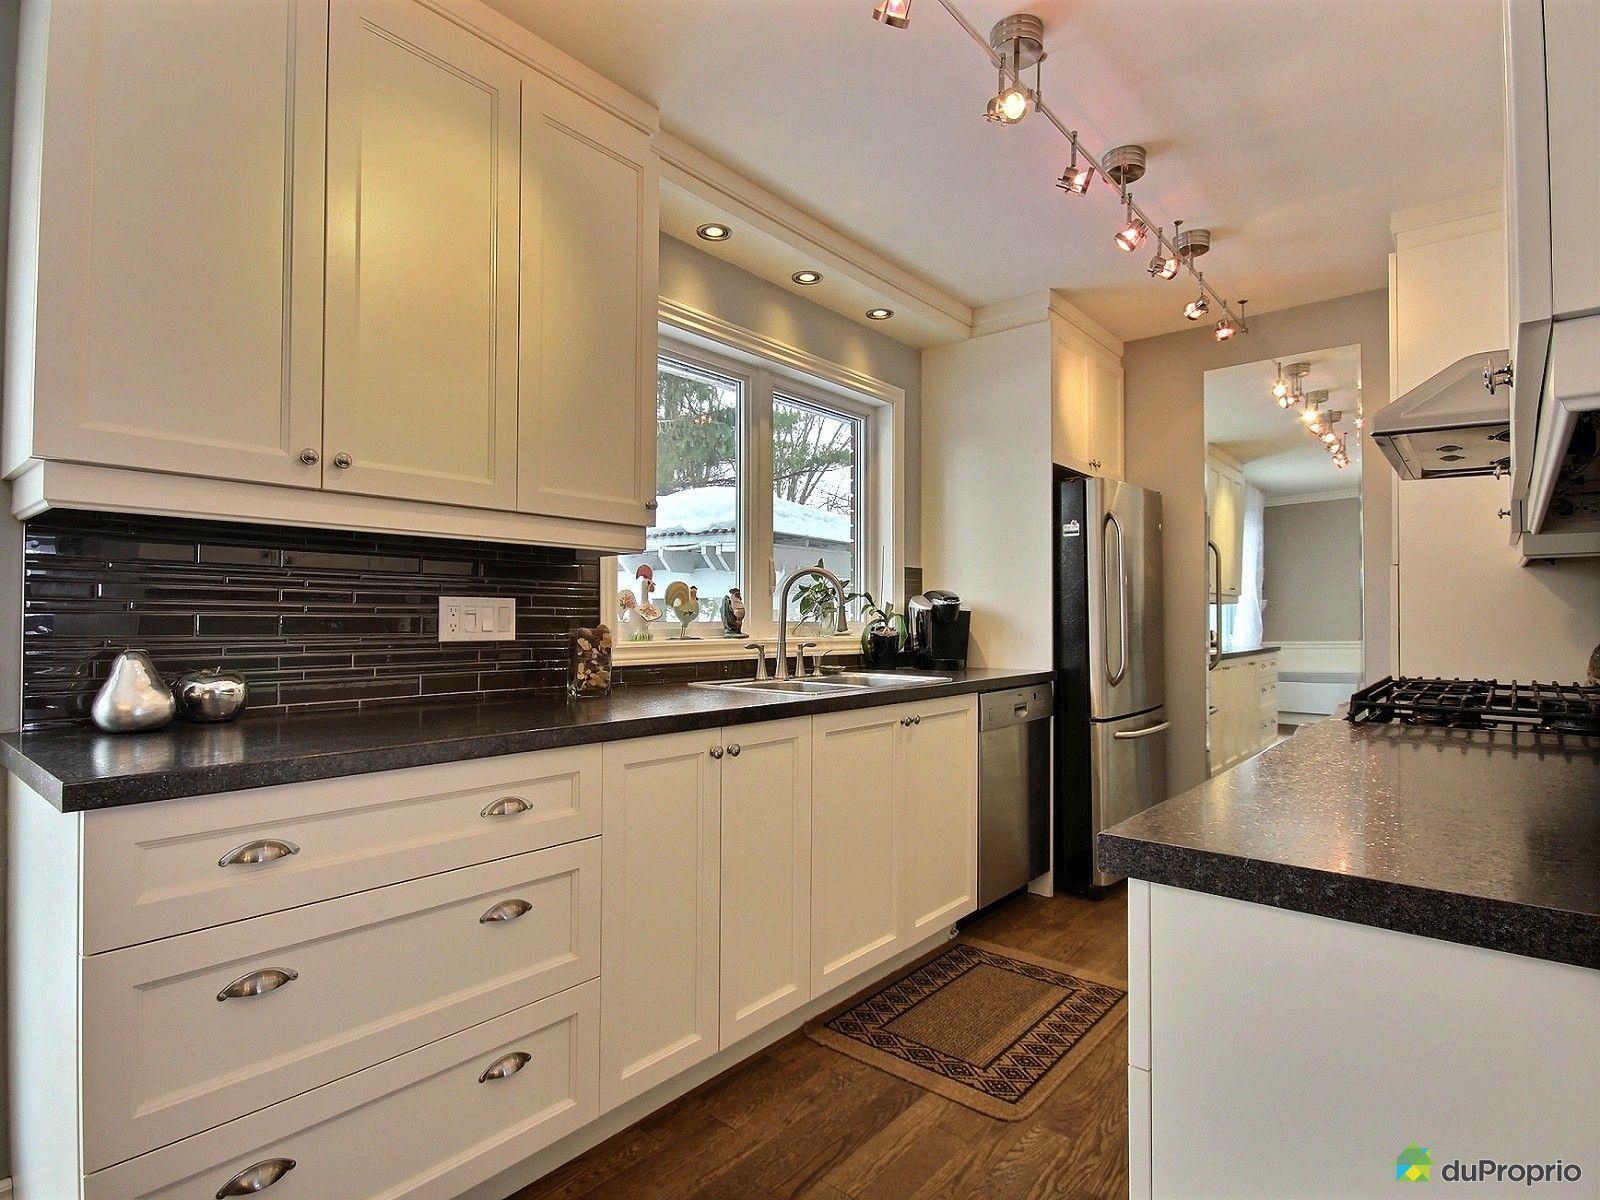 maison vendu richelieu immobilier qu bec duproprio 586534. Black Bedroom Furniture Sets. Home Design Ideas